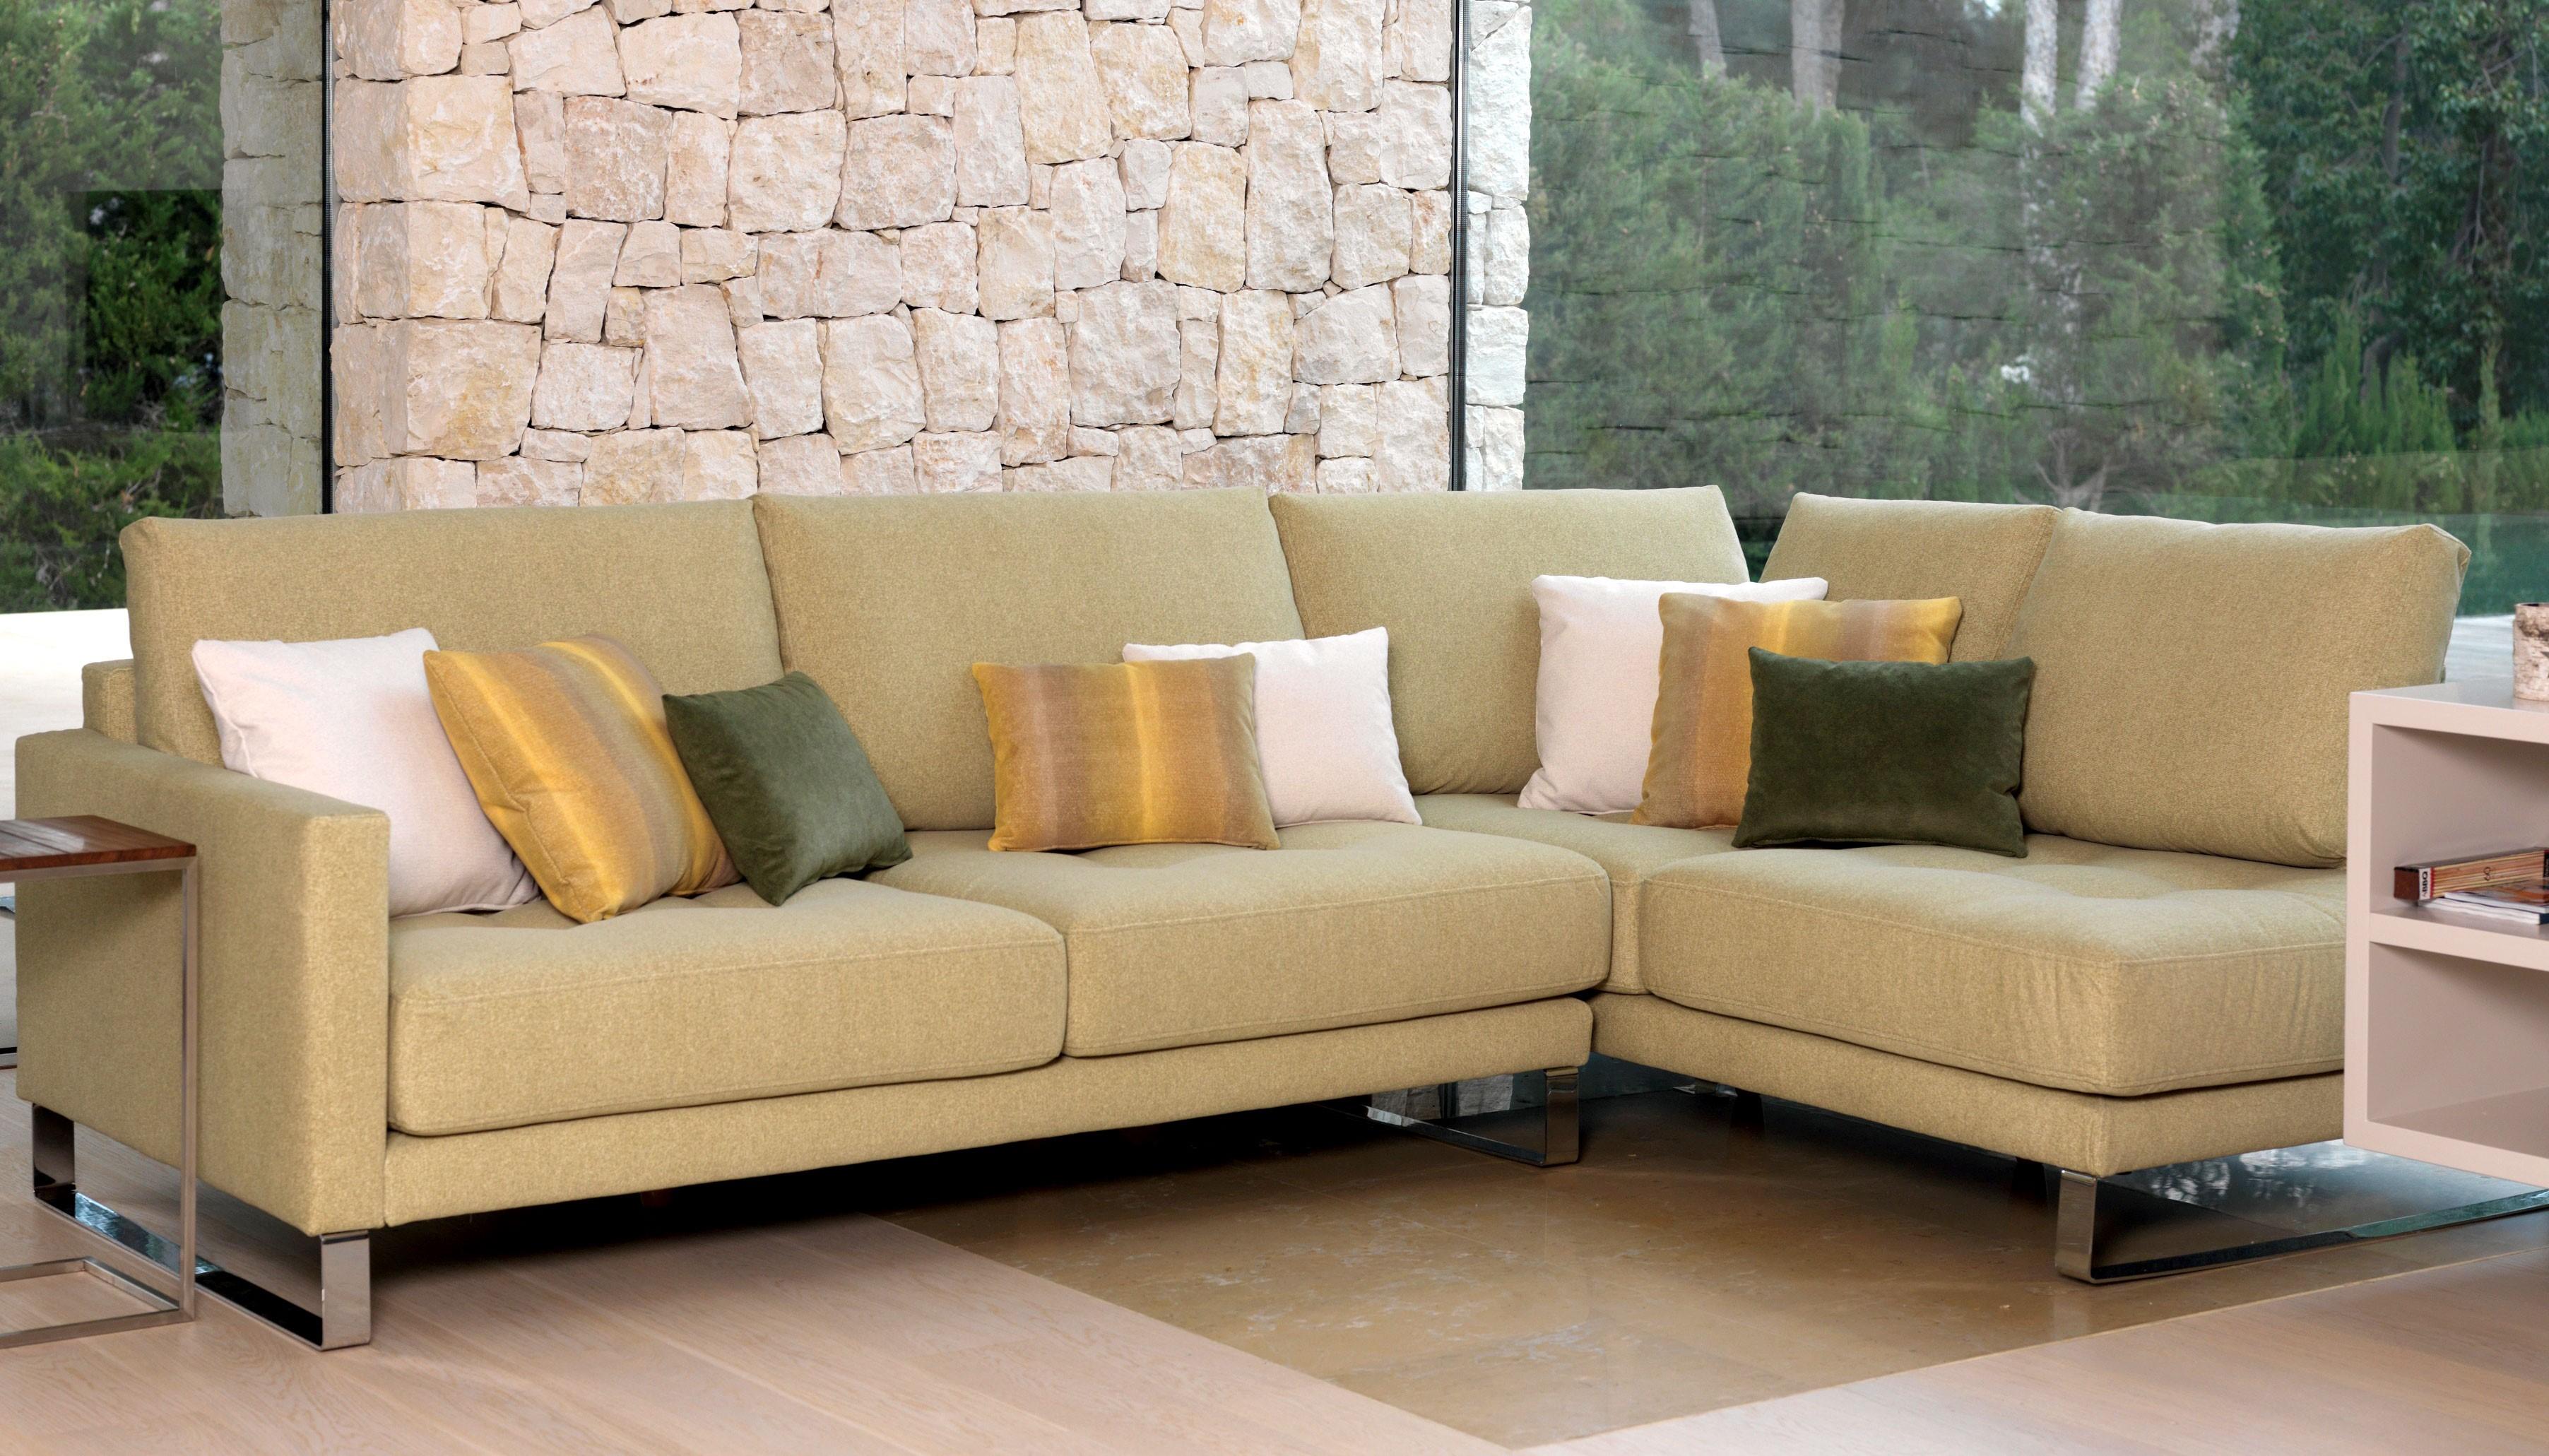 Sillon estilo provenzal tapizados para sofas la paleta - Tapizados para sofas ...